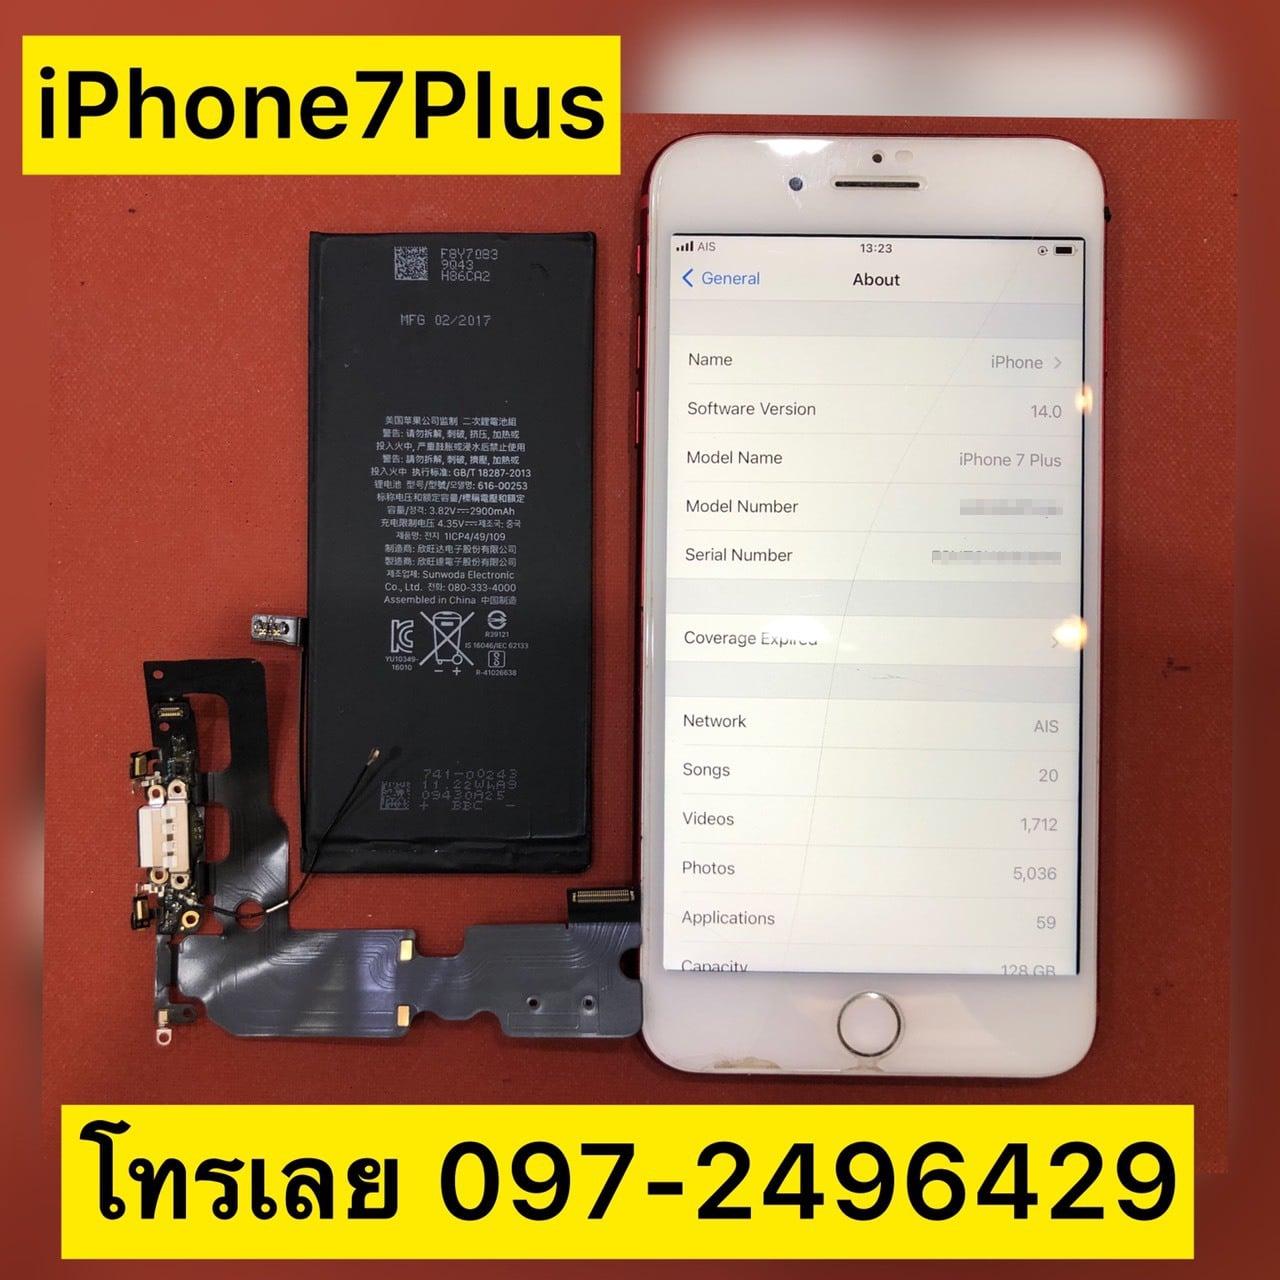 ซ่อม iPhone (ไอโฟน) ฟอร์จูน ร้านไหนดีที่สุด อะไหล่แท้ มีประกัน